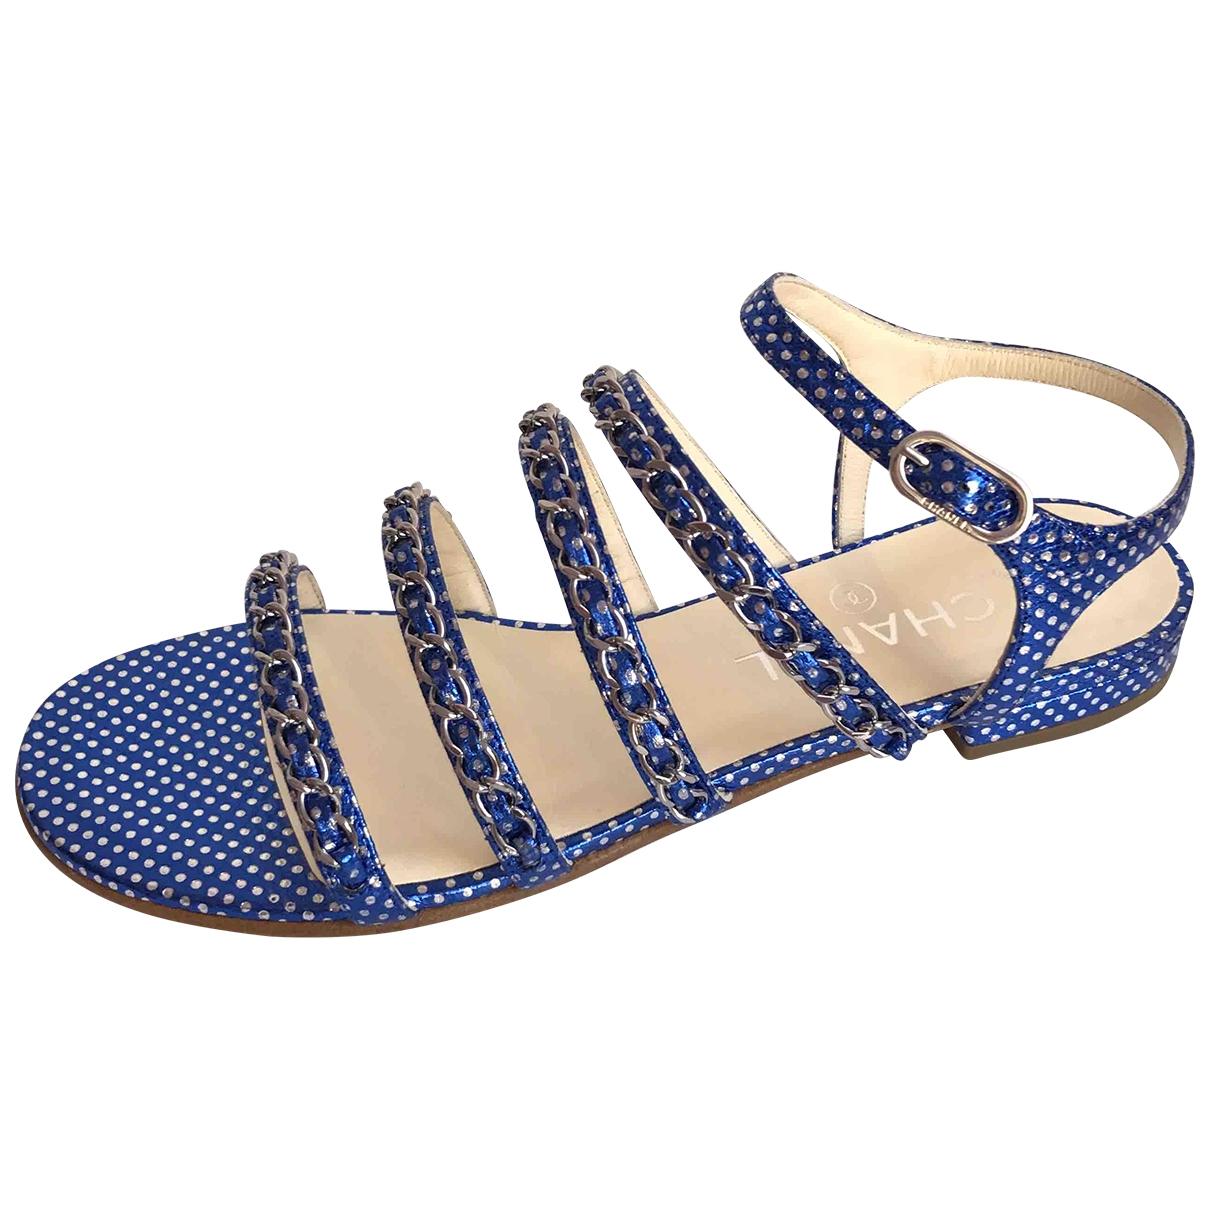 Chanel - Sandales   pour femme en cuir - bleu